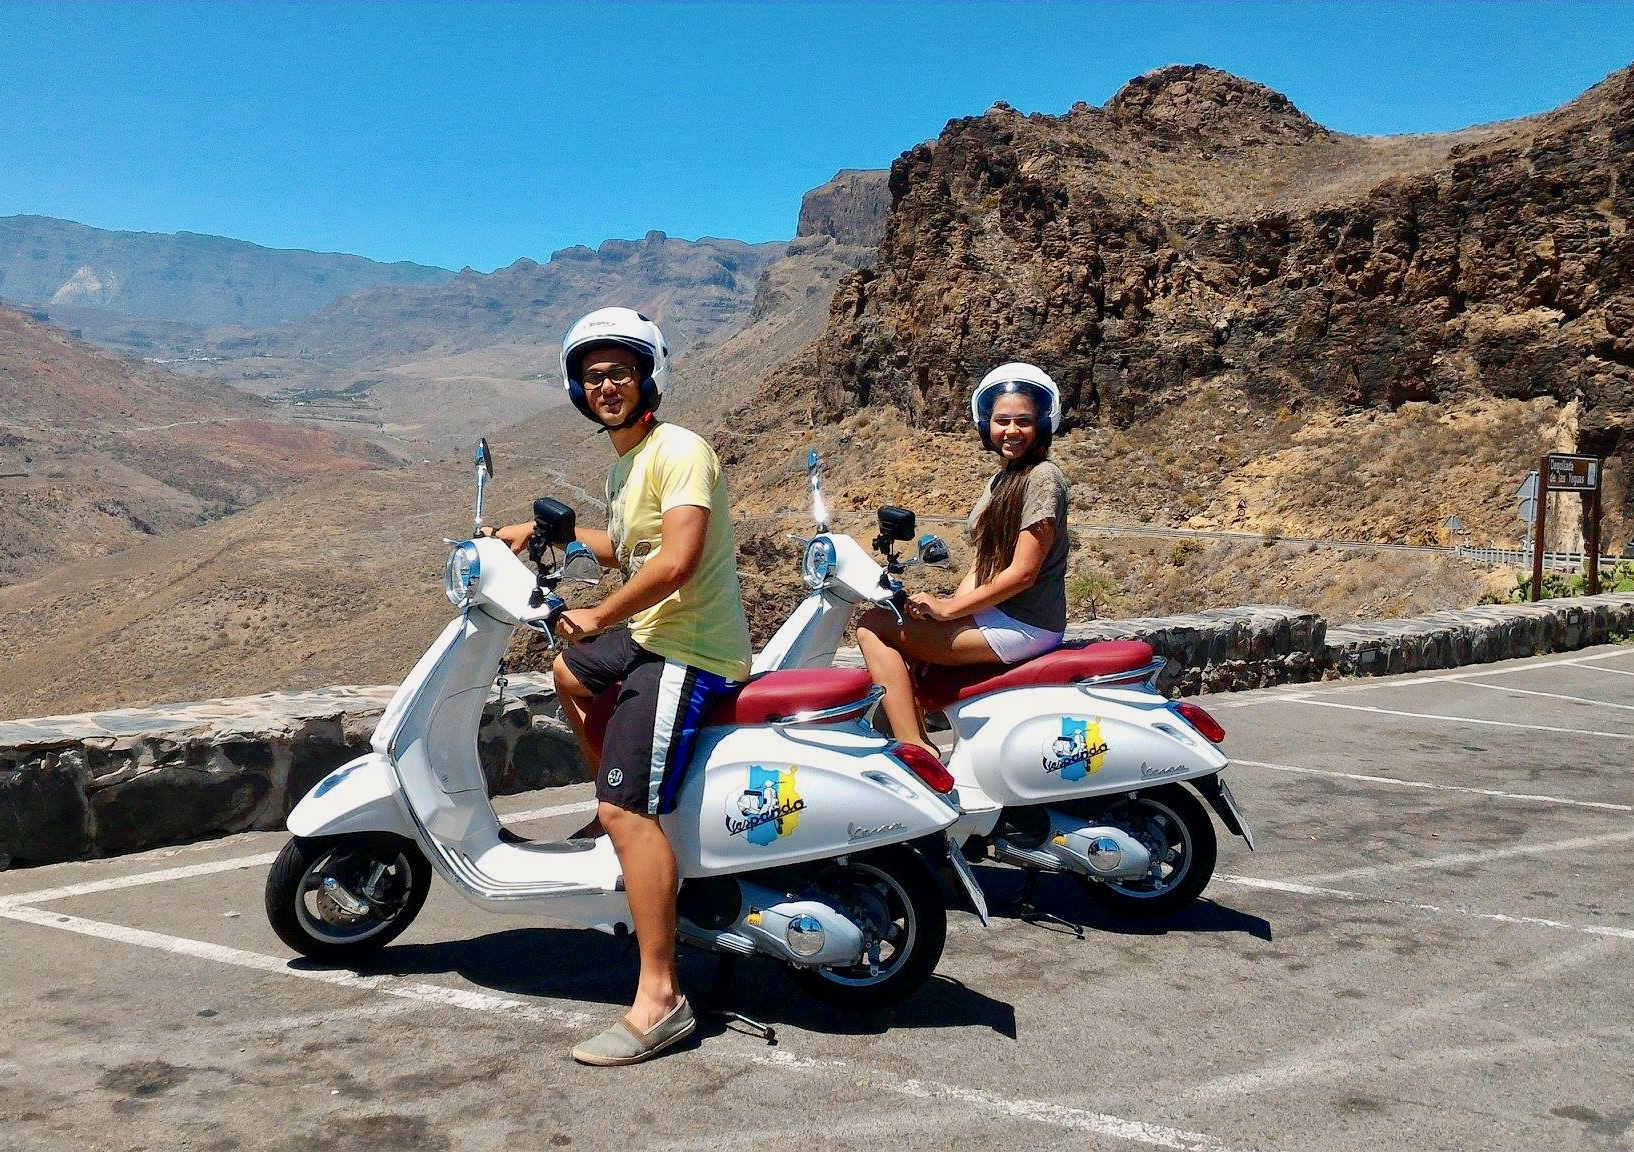 Una joven pareja en scooters se detiene para una sesión de fotos en un mirador.